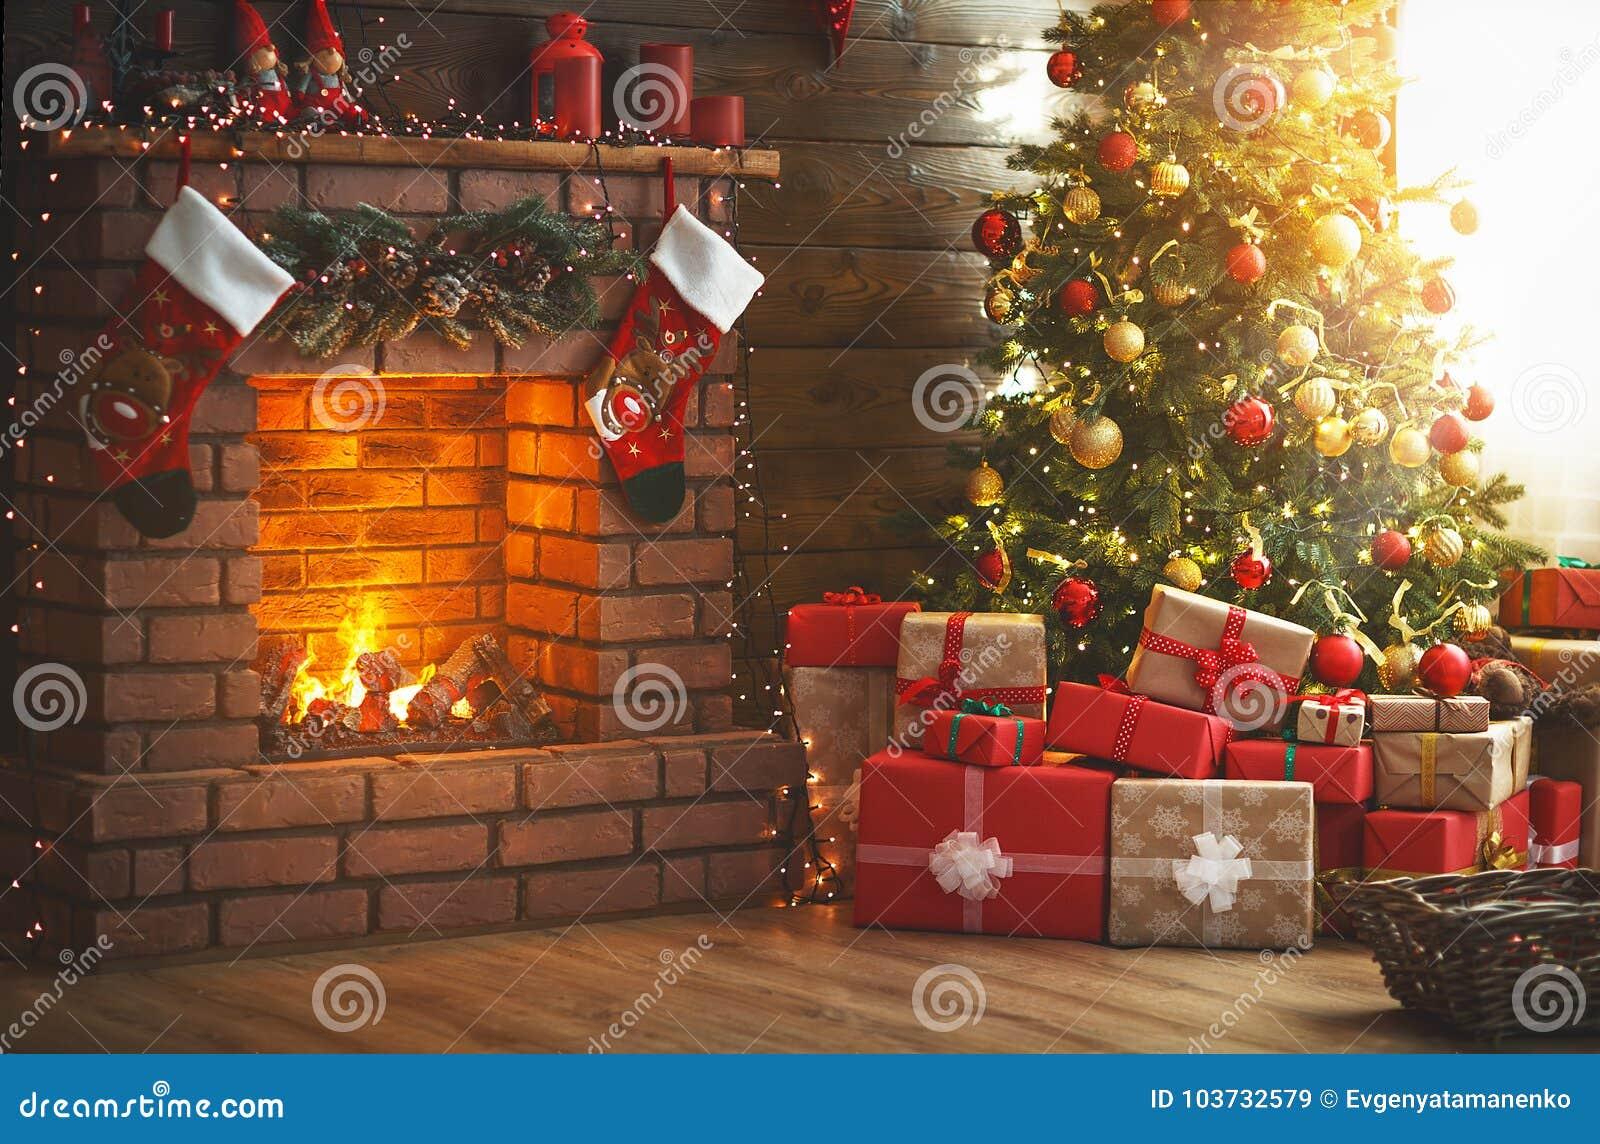 Εσωτερικά Χριστούγεννα μαγικό καμμένος δέντρο, εστία, δώρα